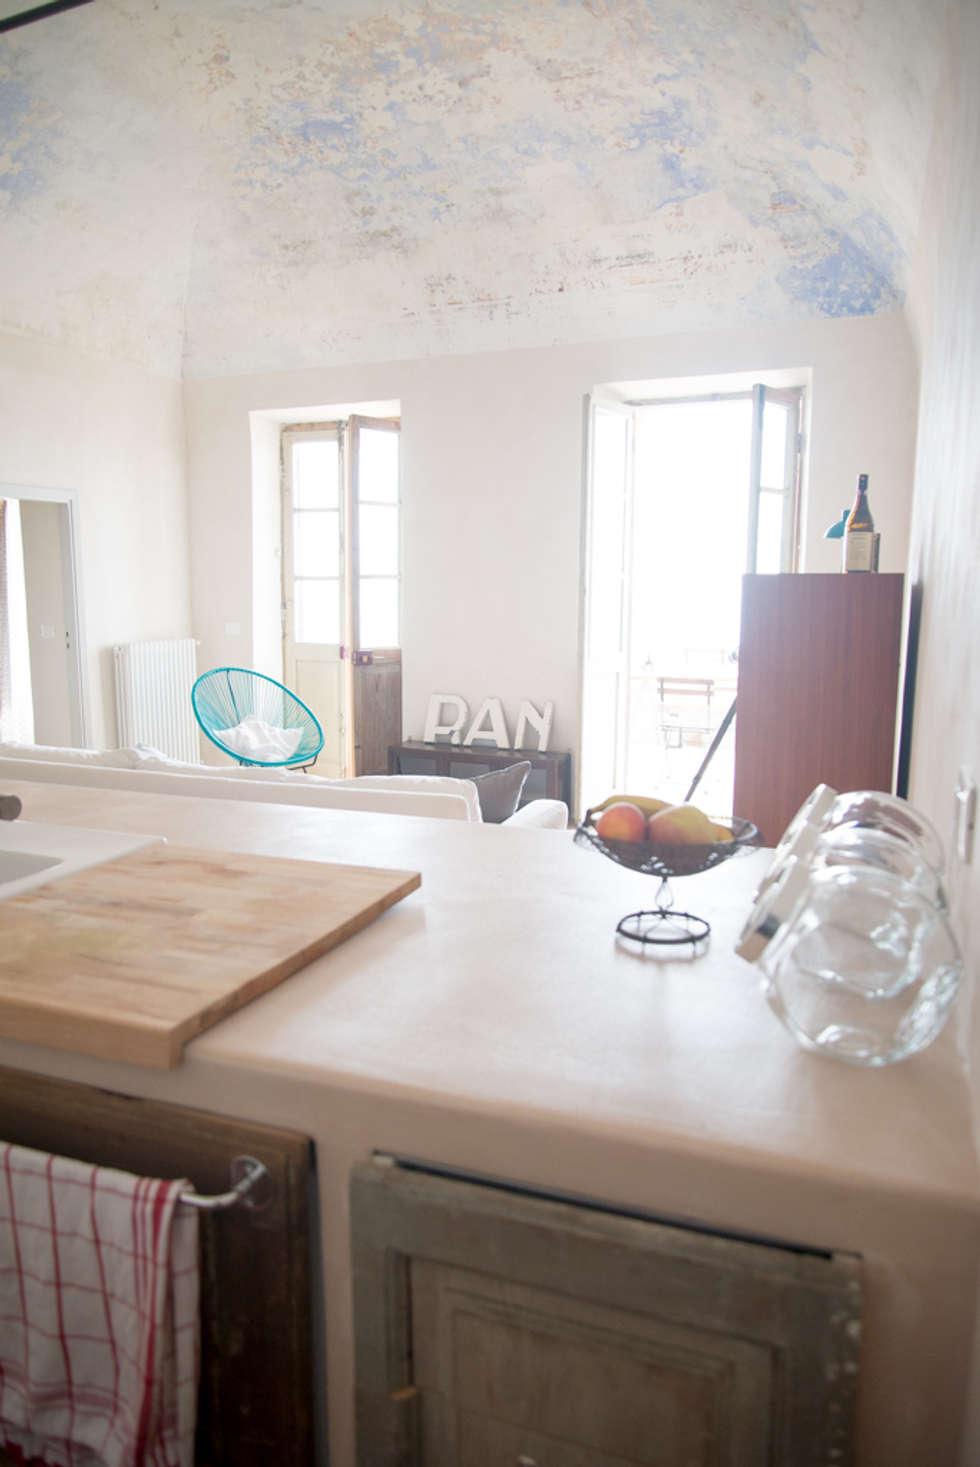 Appartamento a Verezzi_ la cucina: Cucina in stile in stile Mediterraneo di con3studio